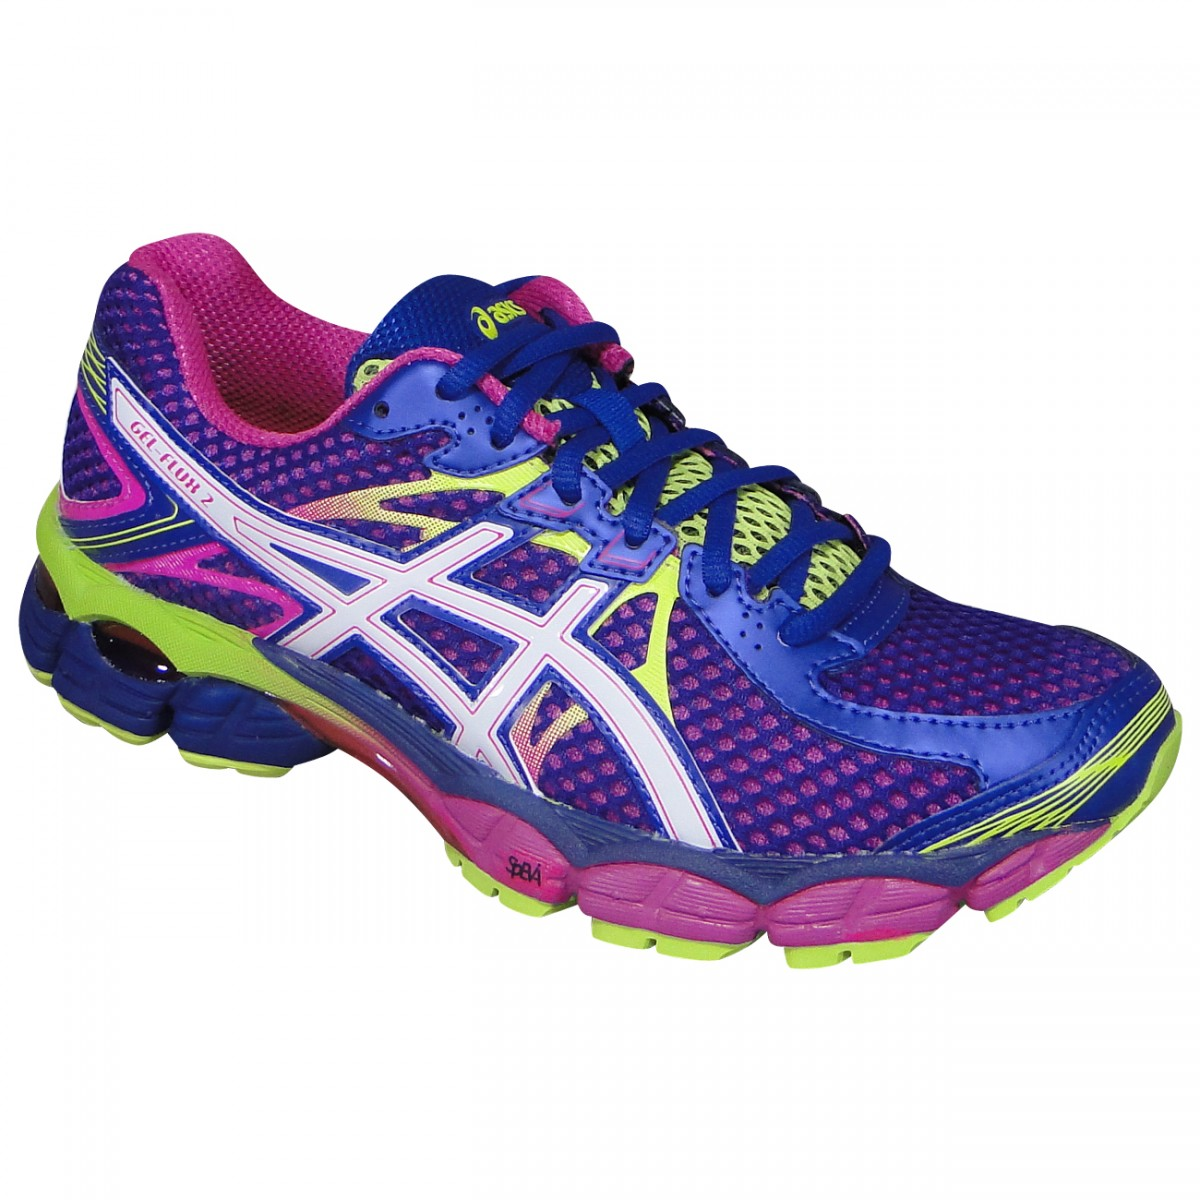 Tenis Asics Gel-Flux 2 T568Q 3301 - Roxo Pink Limão - Chuteira Nike ... 5786b51255f2c